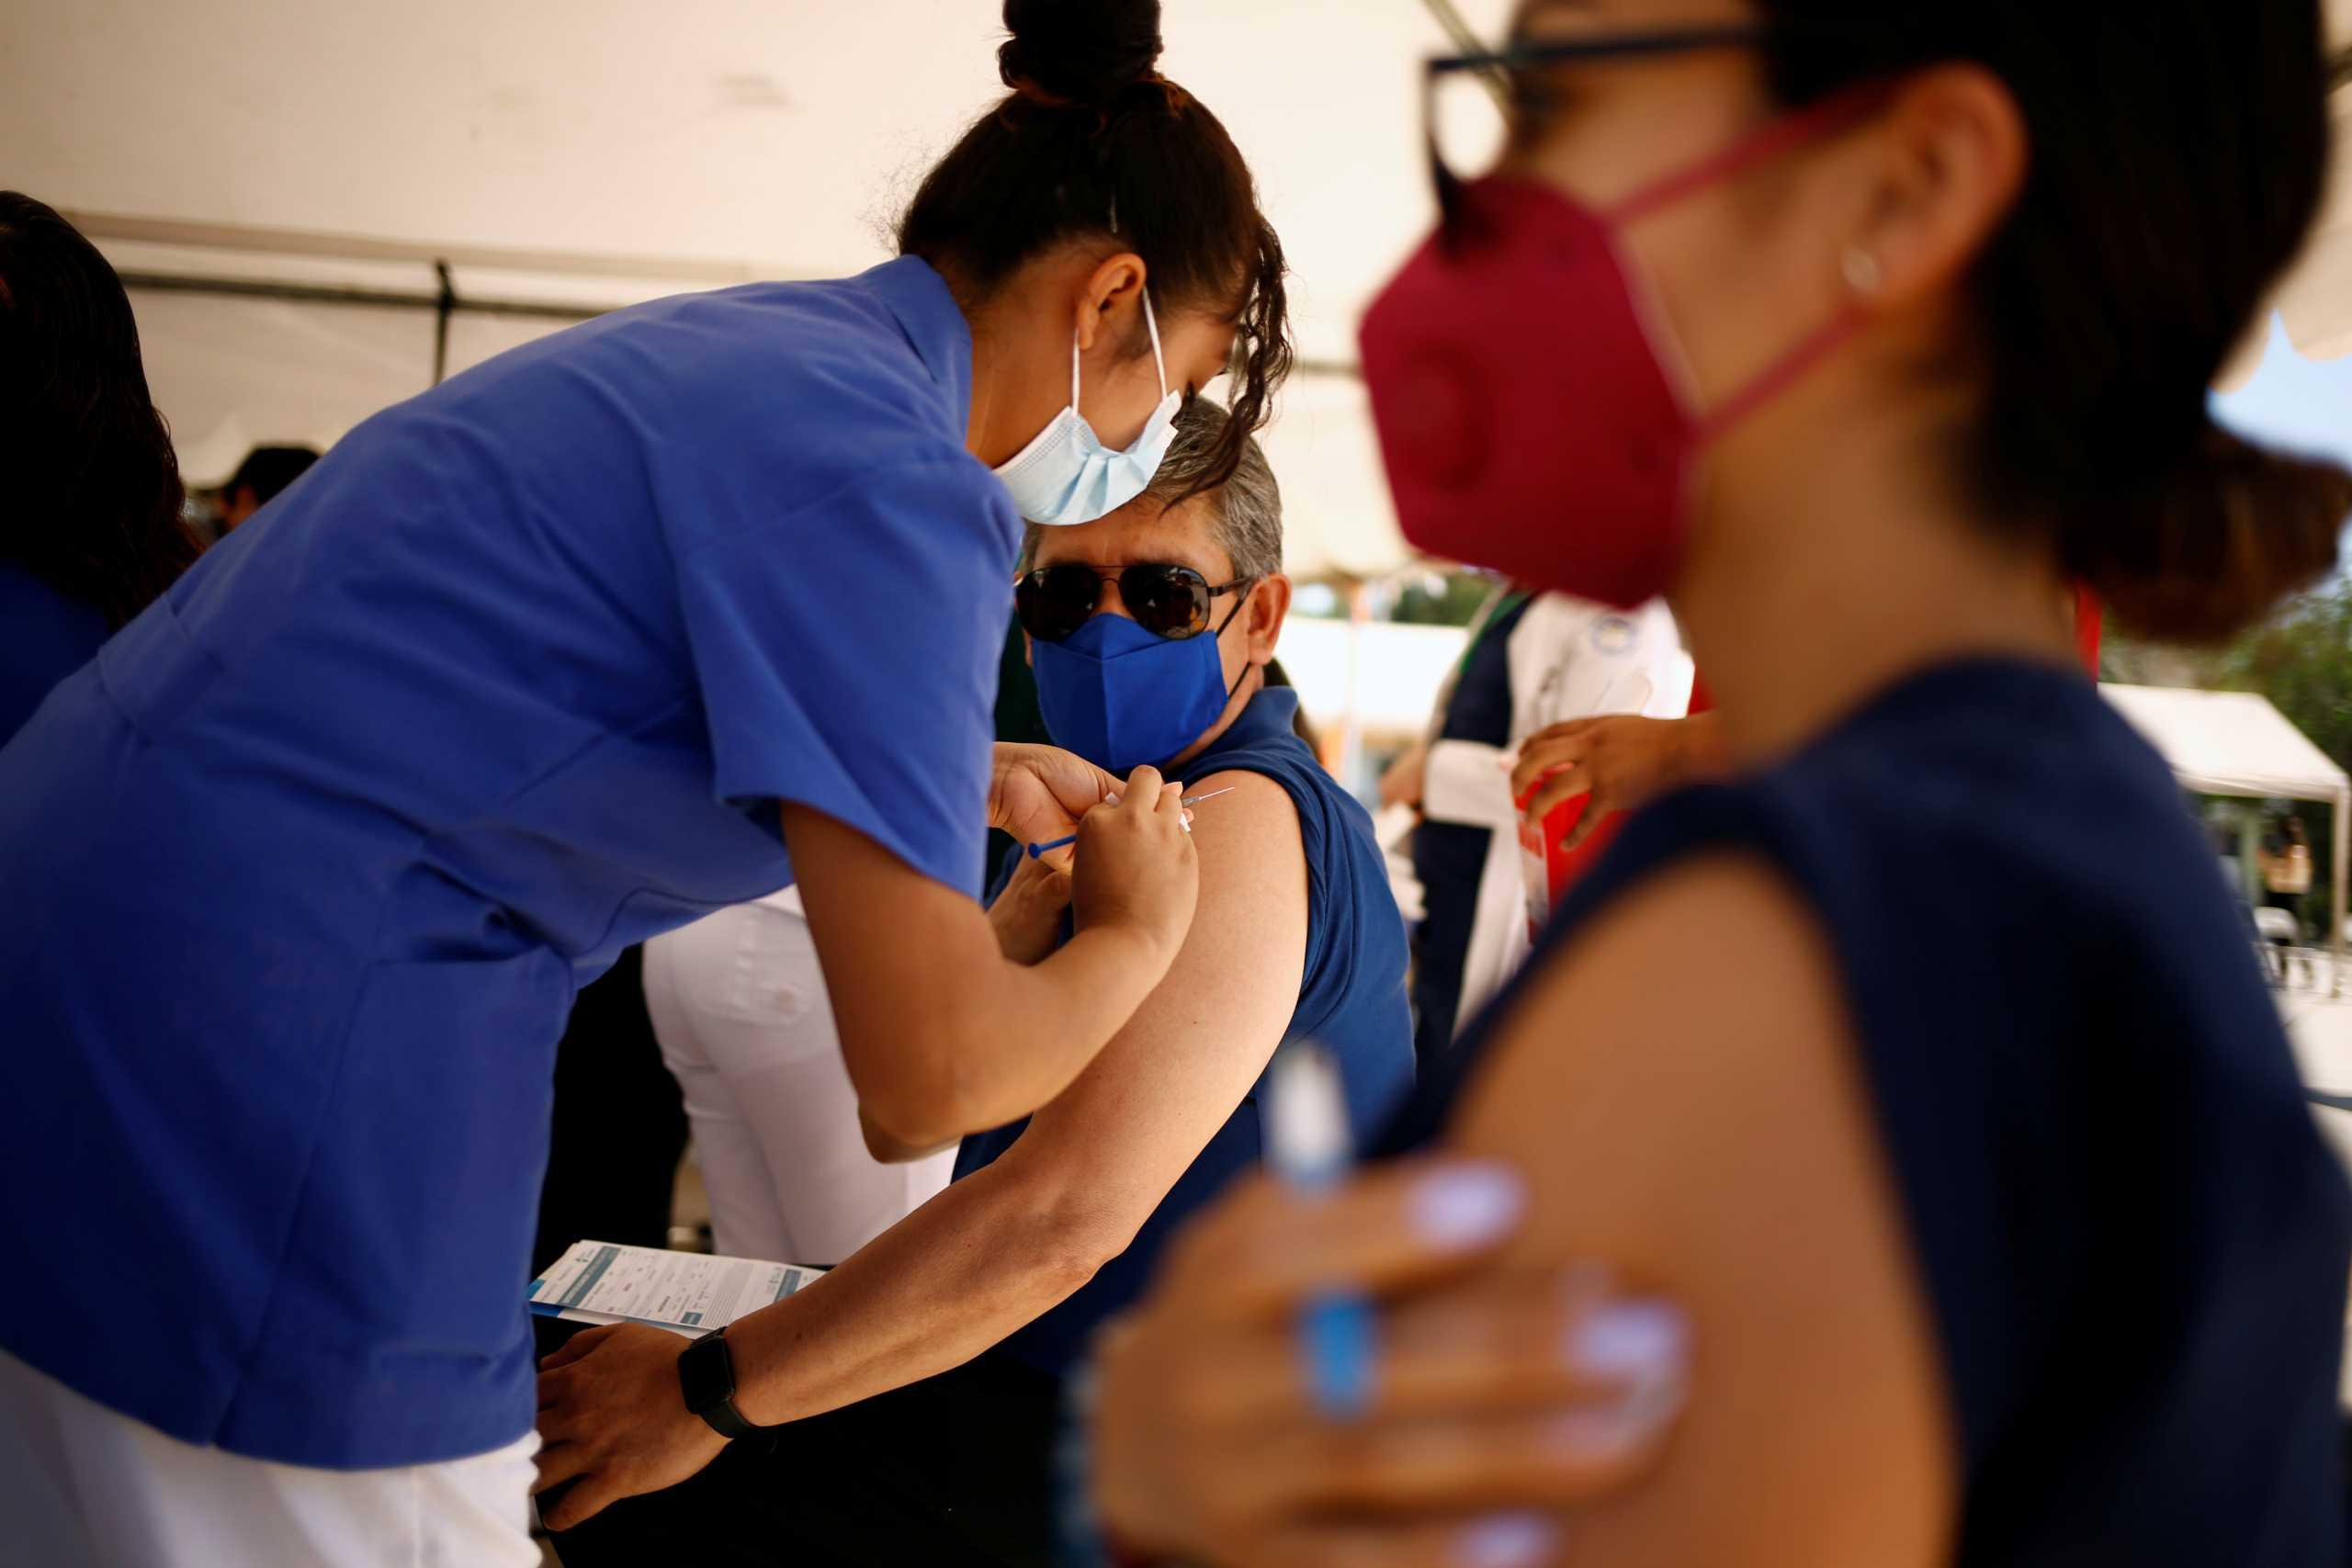 Ανεμβολίαστη ομολογεί: Ψάχνω «λαμόγιο γιατρό» να μου δώσει πλαστό πιστοποιητικό